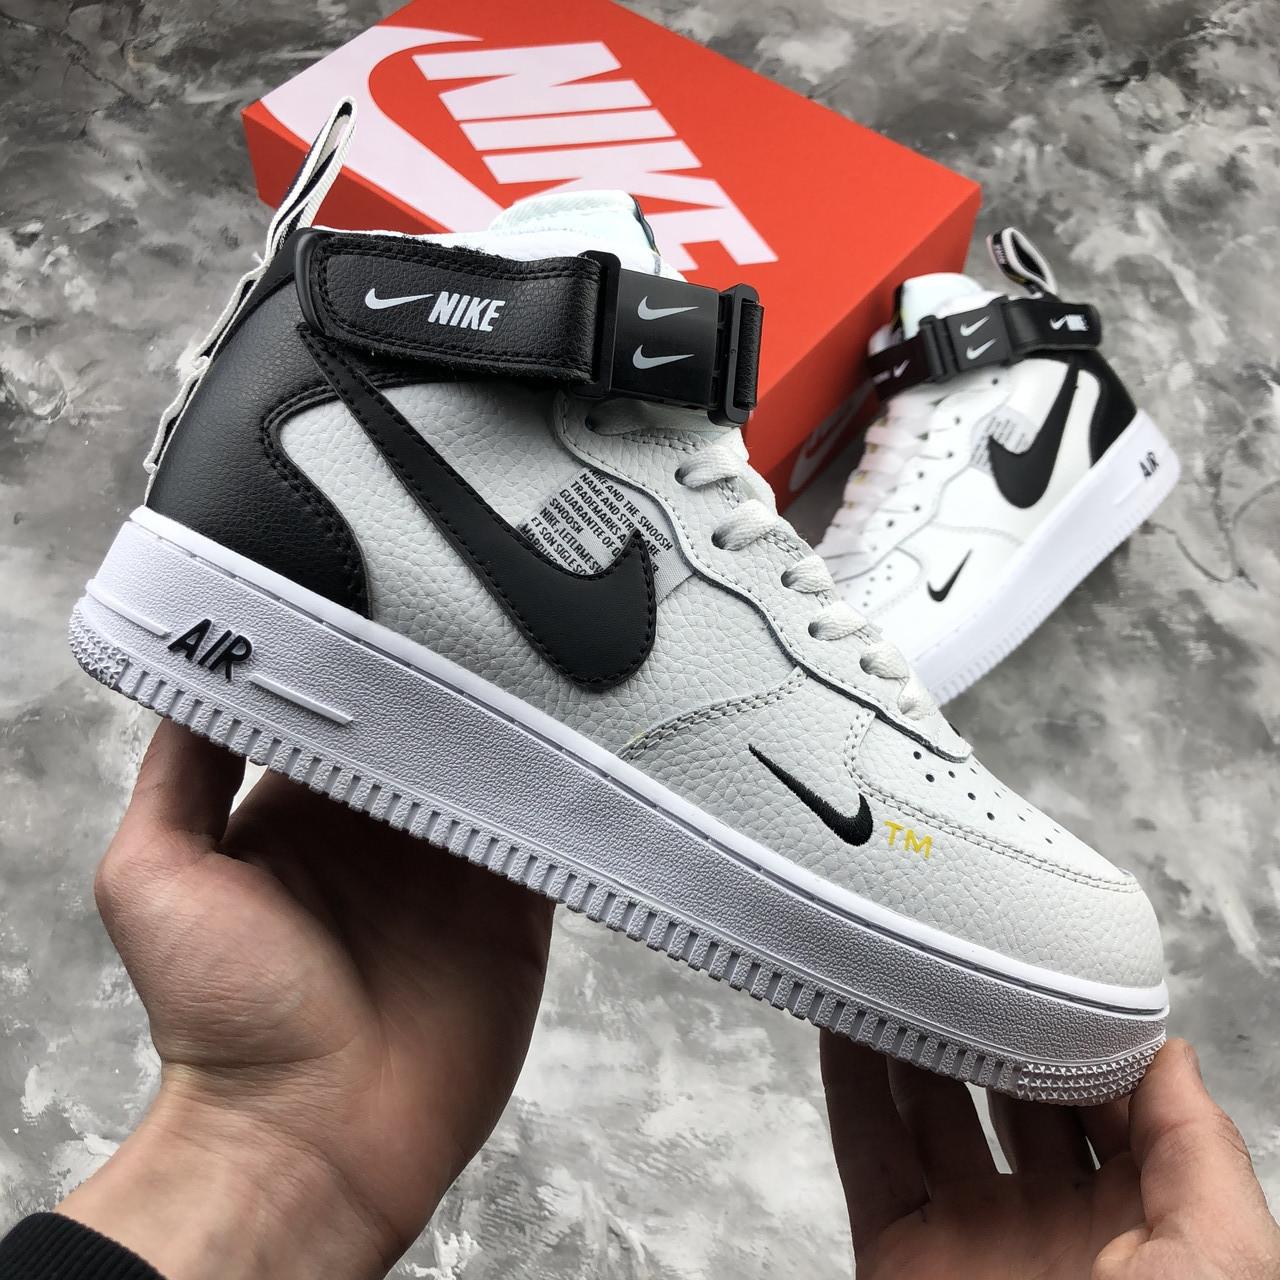 dobra jakość niższa cena z szalona cena Nike Air Force 1 Mid 07 L.V.8 Utility Pack White | кроссовки мужские;  белые; кожаные